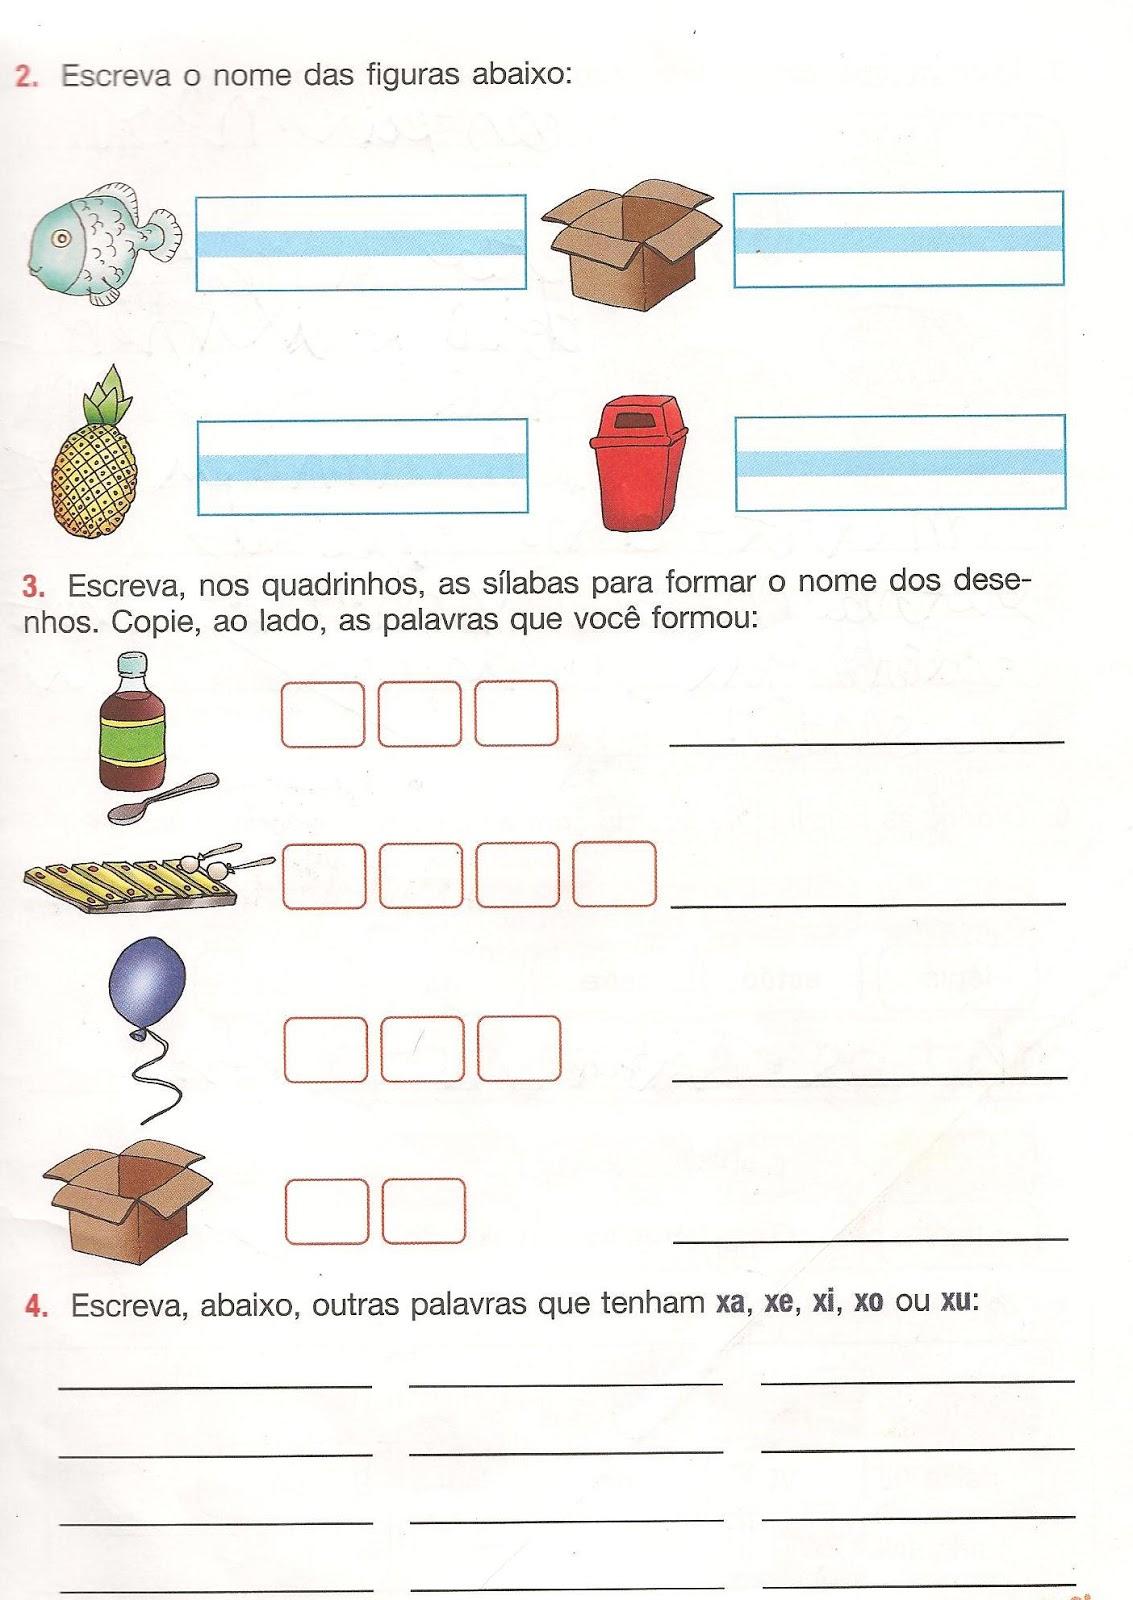 Atividades Portugu  S 1   Ano Do Ensino Fundamental   Exerc  Cios 1